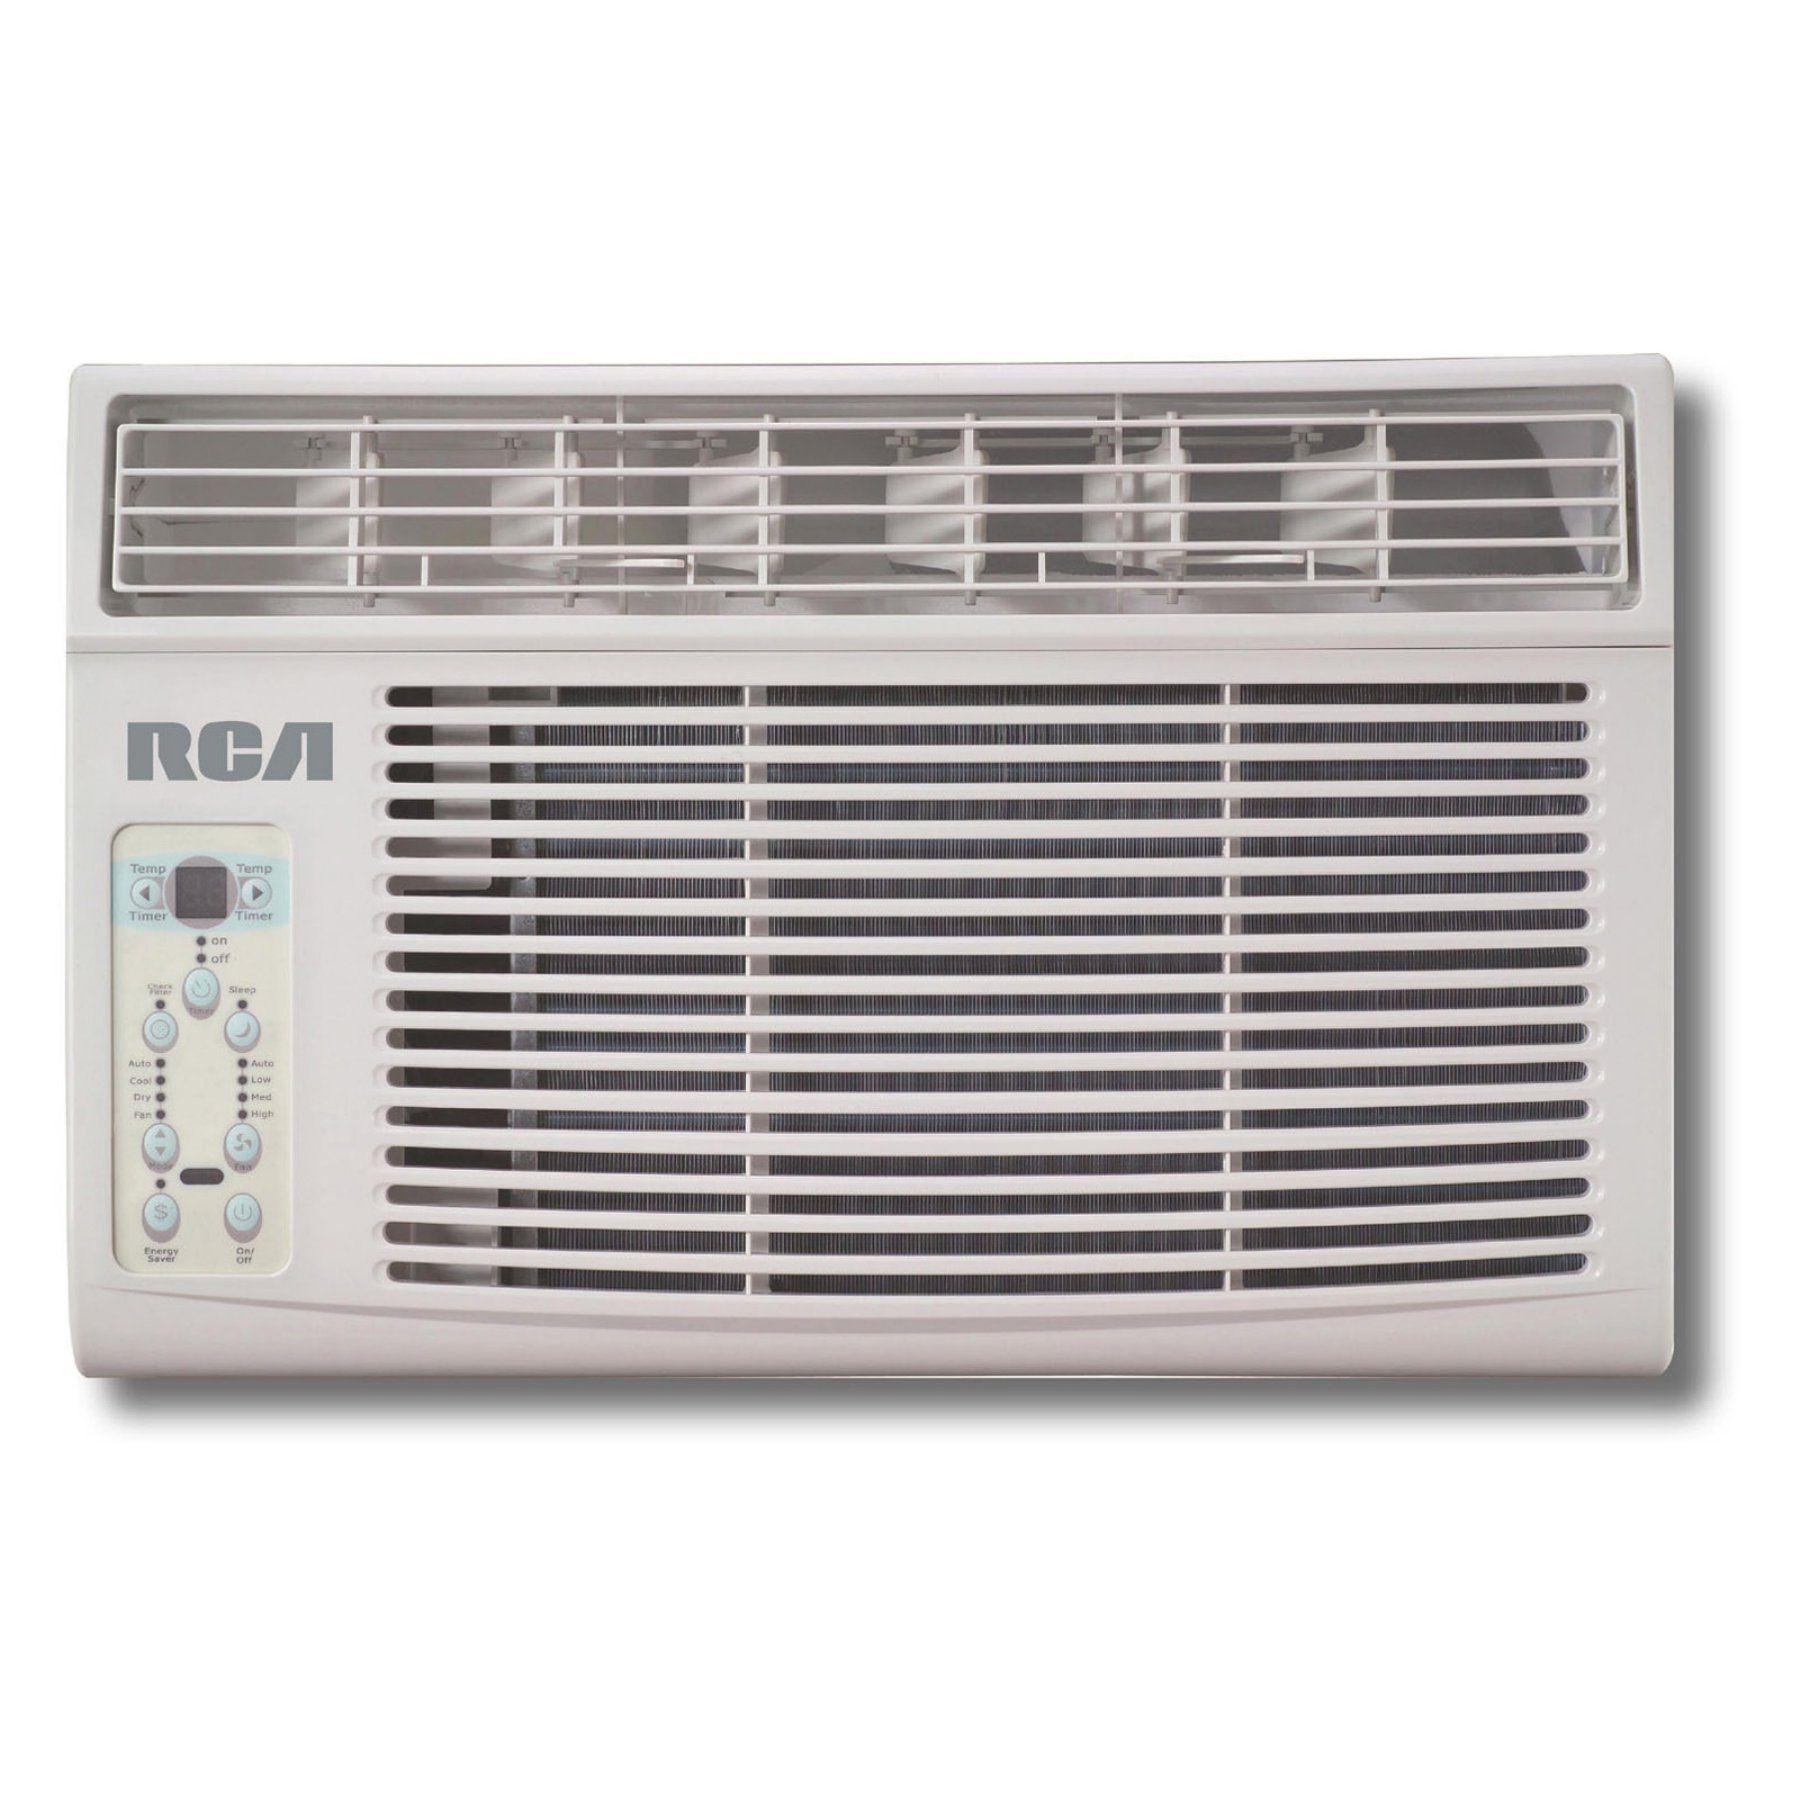 Rca Race1202e 12000 Btu Window Air Conditioner Race1202e Window Air Conditioner Best Window Air Conditioner Window Air Conditioners